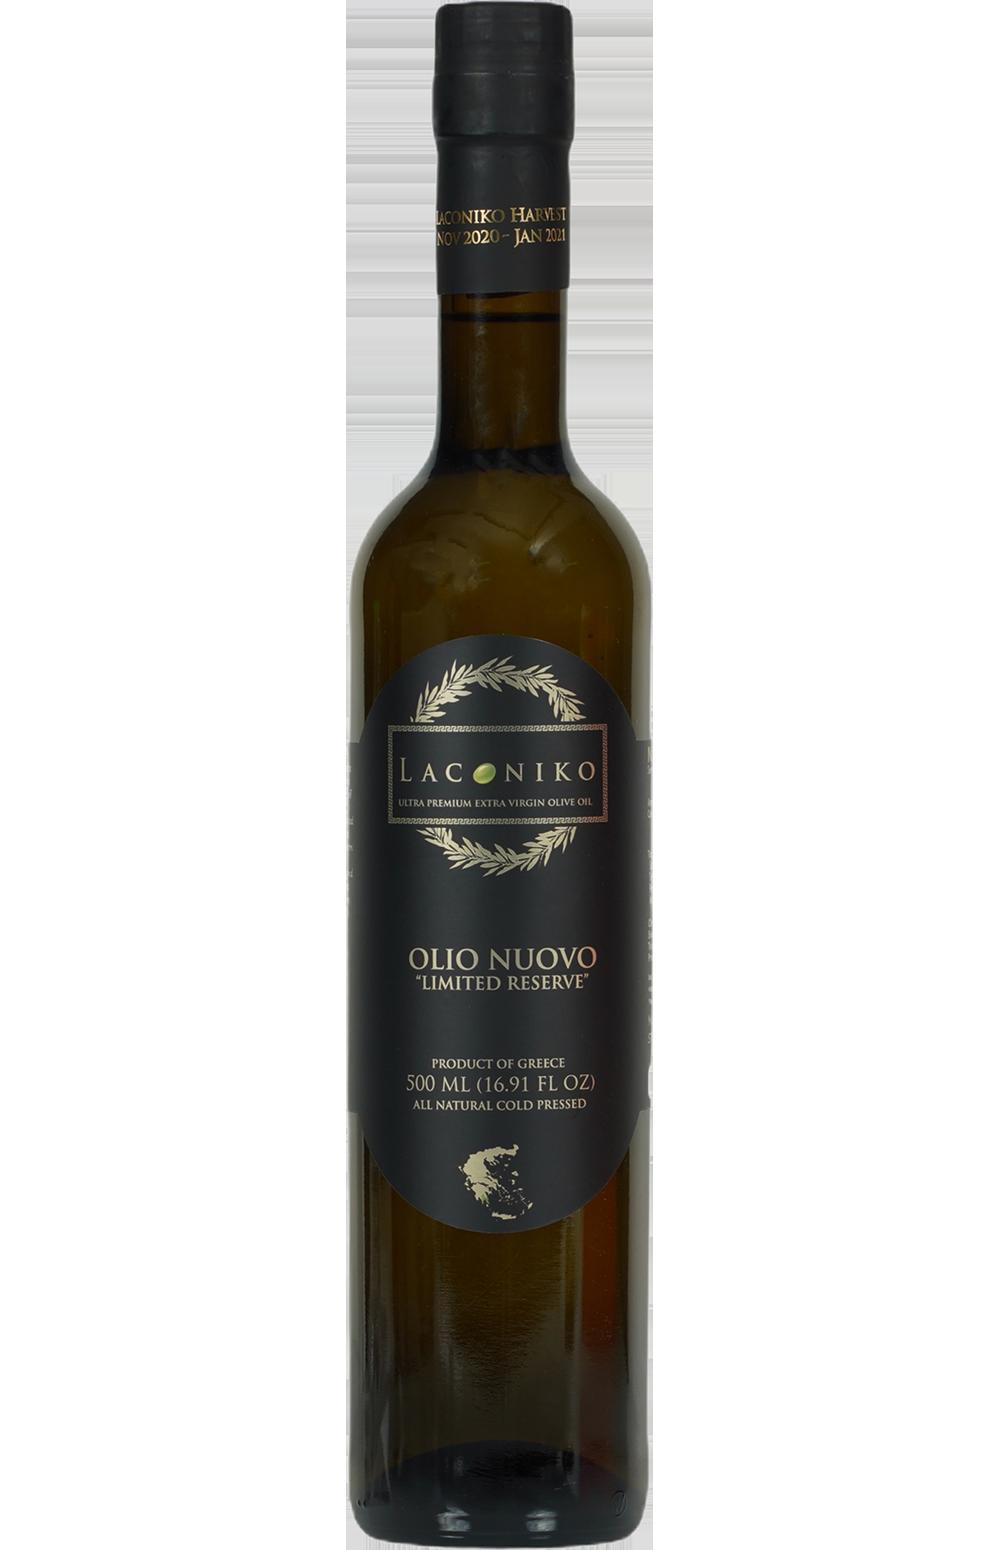 Laconiko Olio Nuovo Limited Reserve